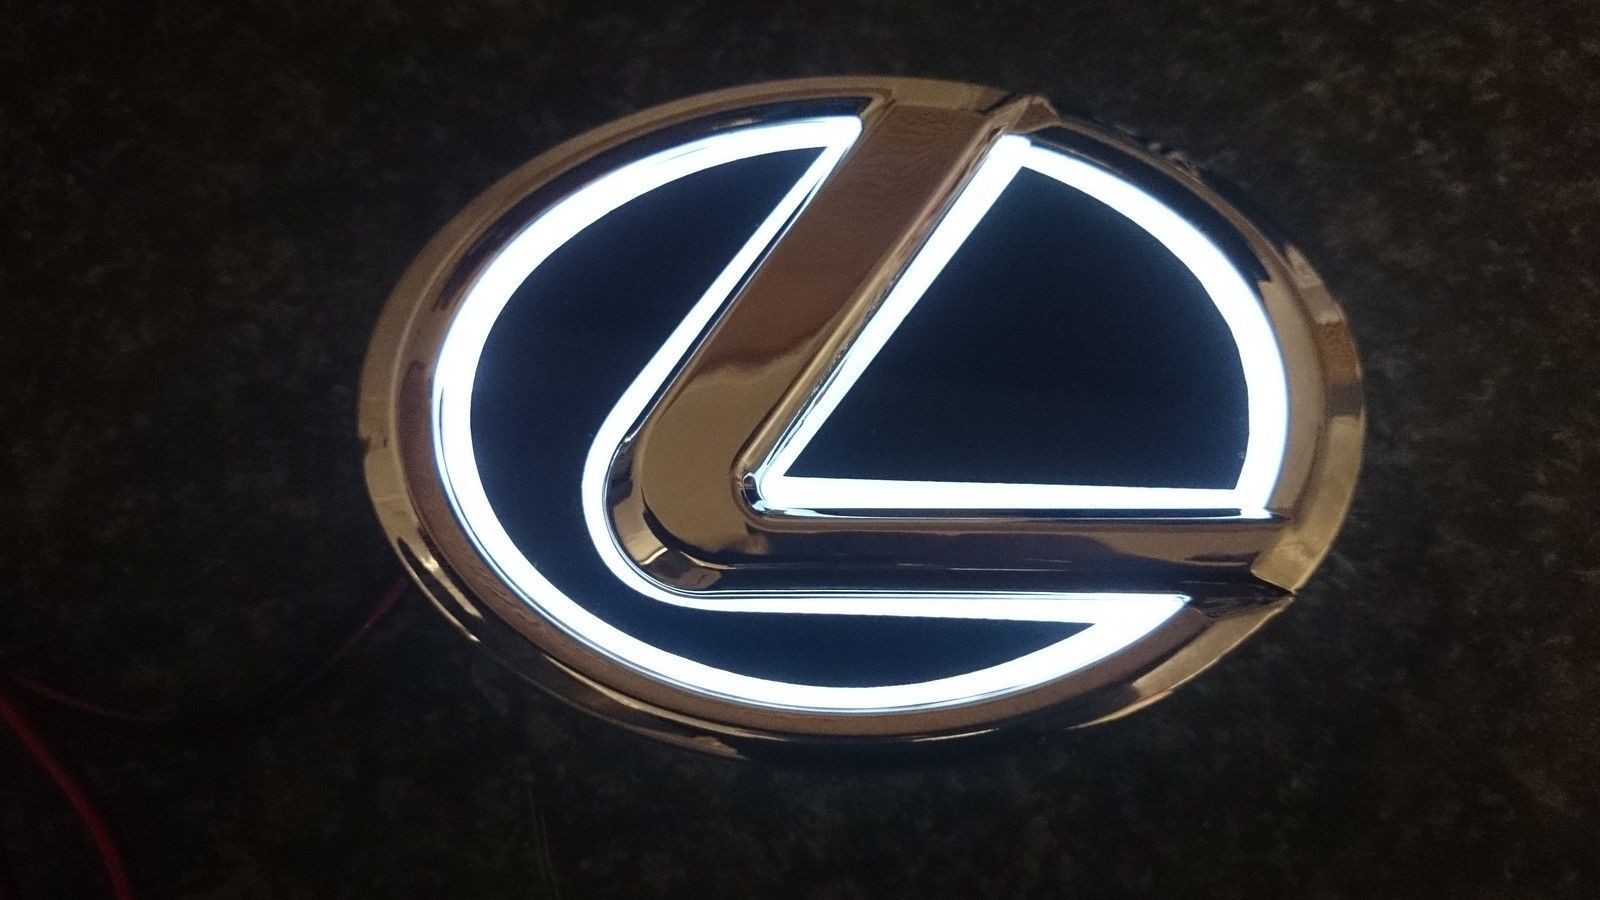 Illuminated Led Emblem Badge Clublexus Lexus Forum Discussion In 2021 Lexus Logo Lexus Car Badges